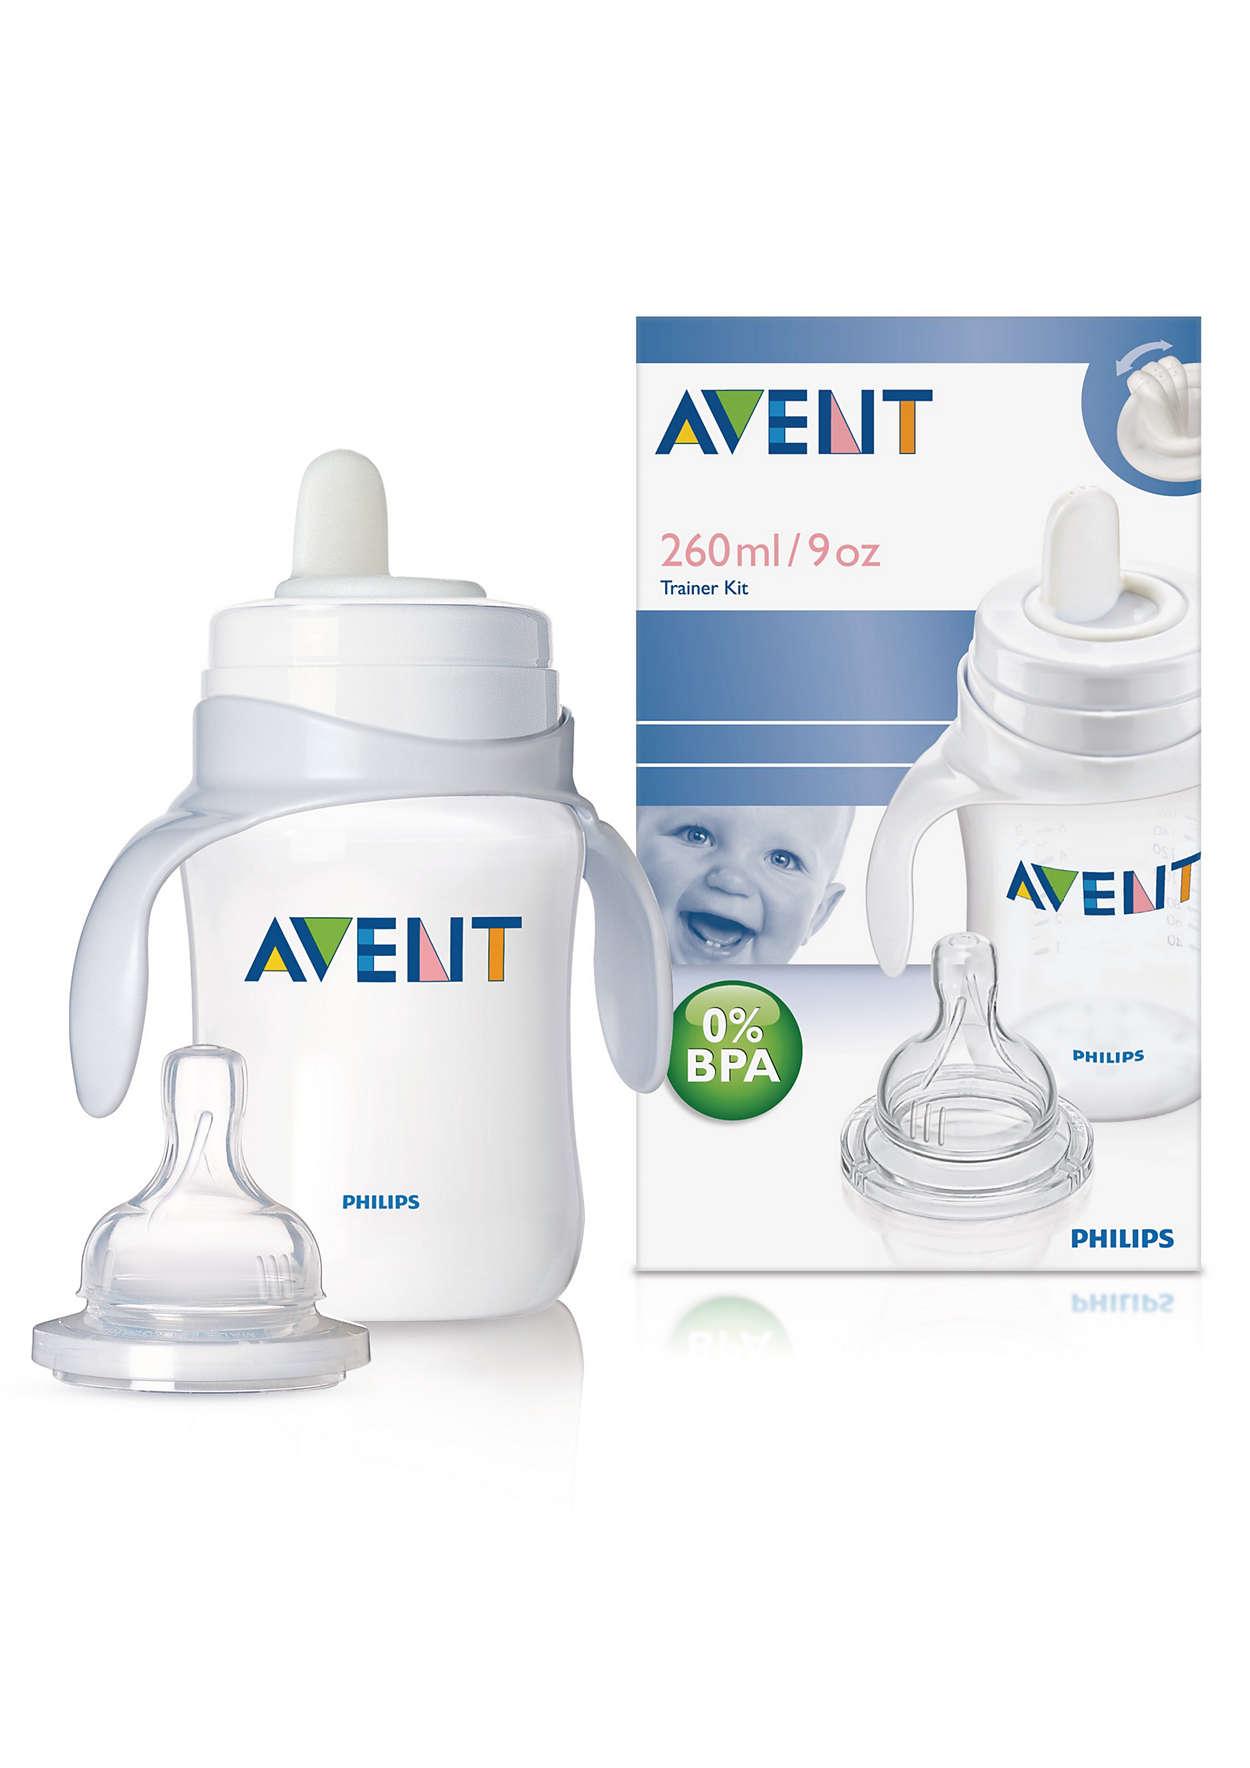 Το πρώτο βήμα του μωρού για τη χρήση κυπέλλου